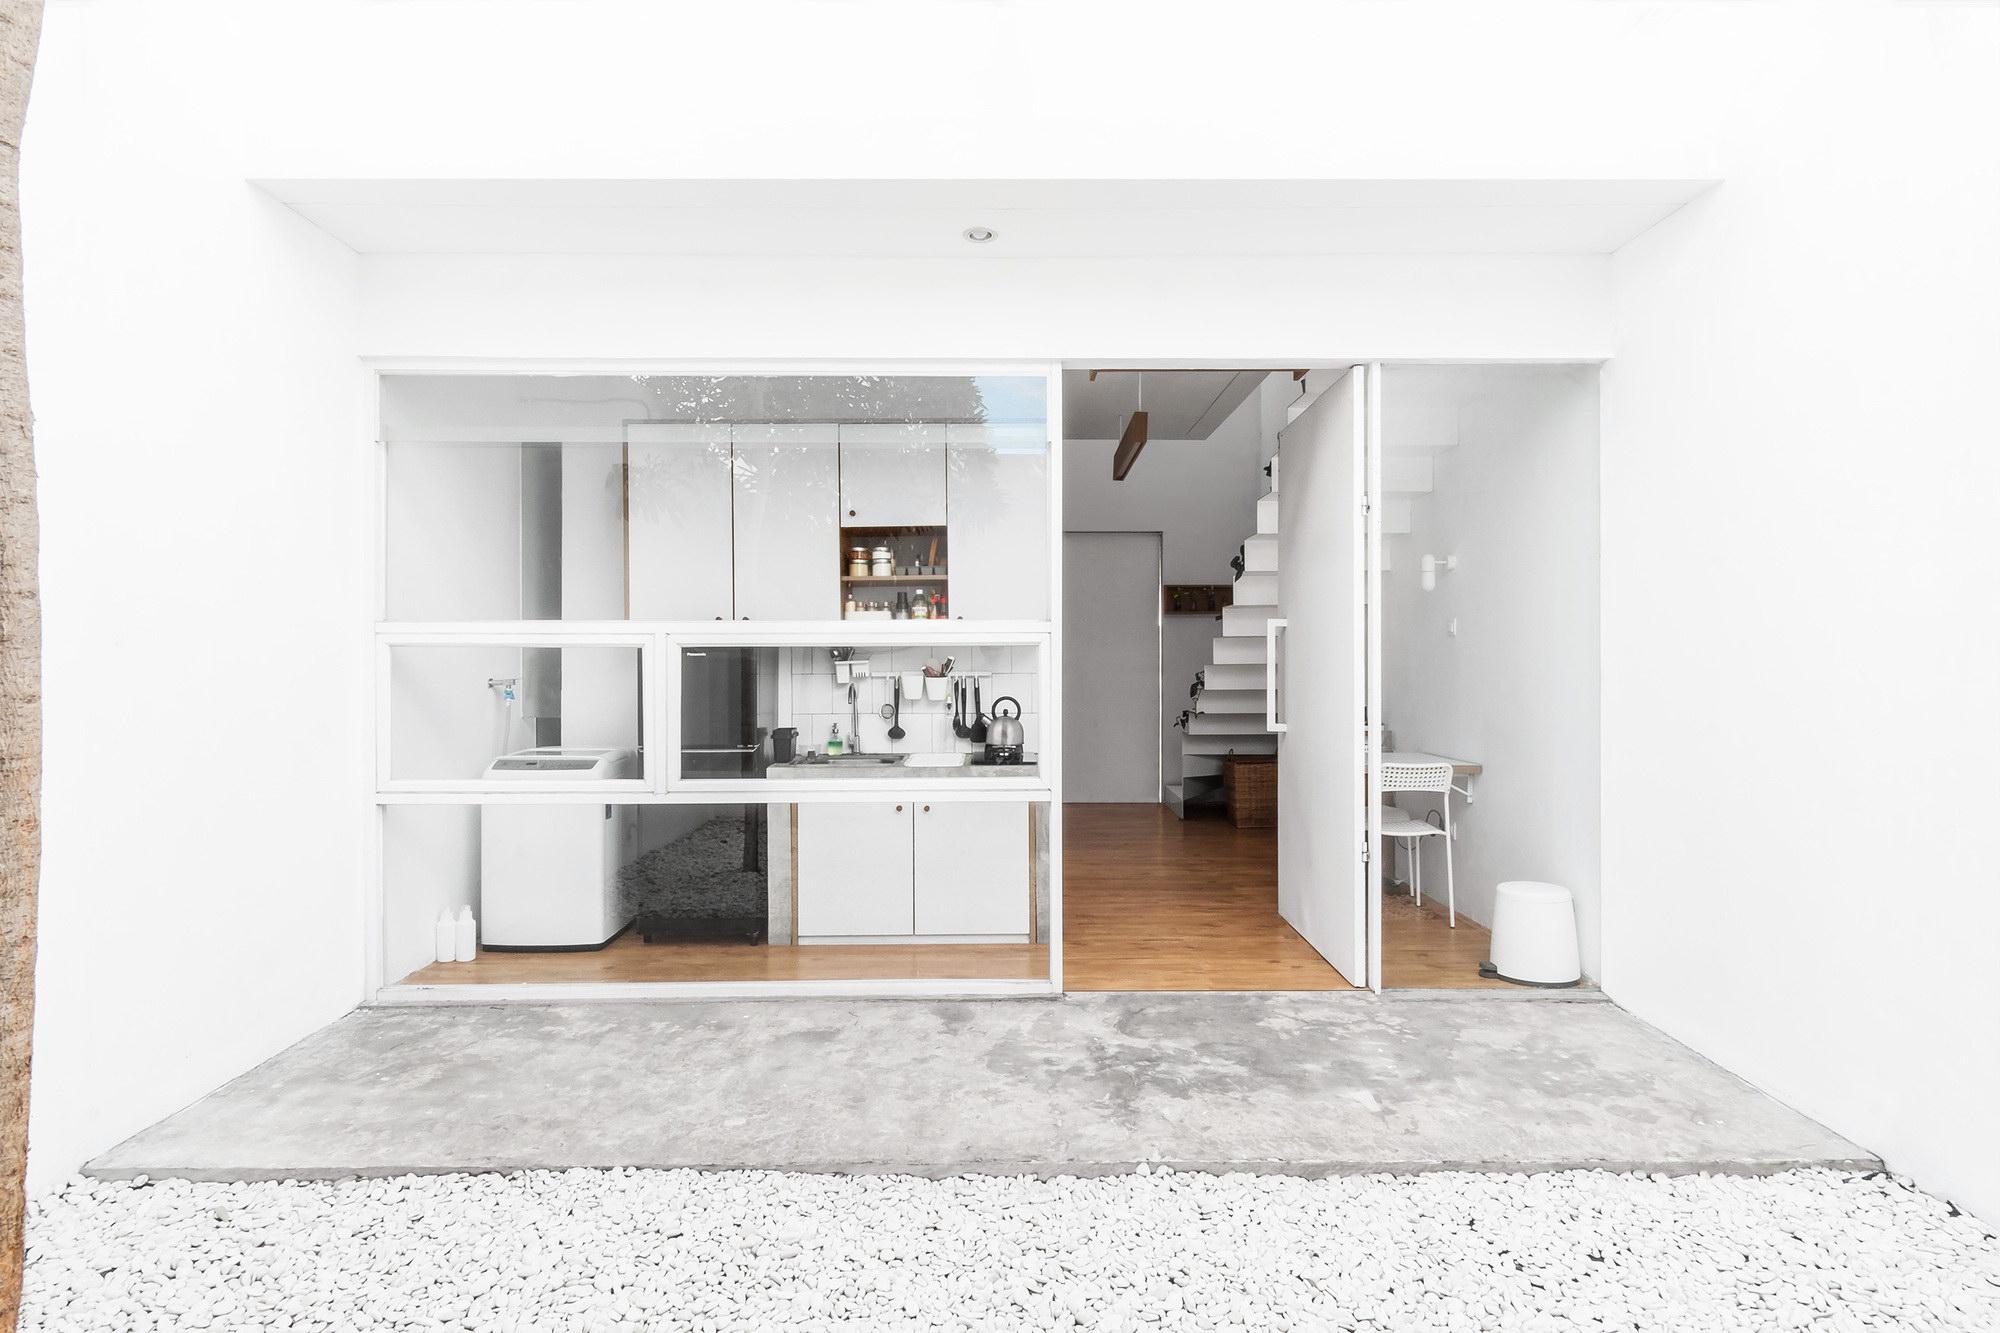 MO House   Minimalist Tiny House by DFORM